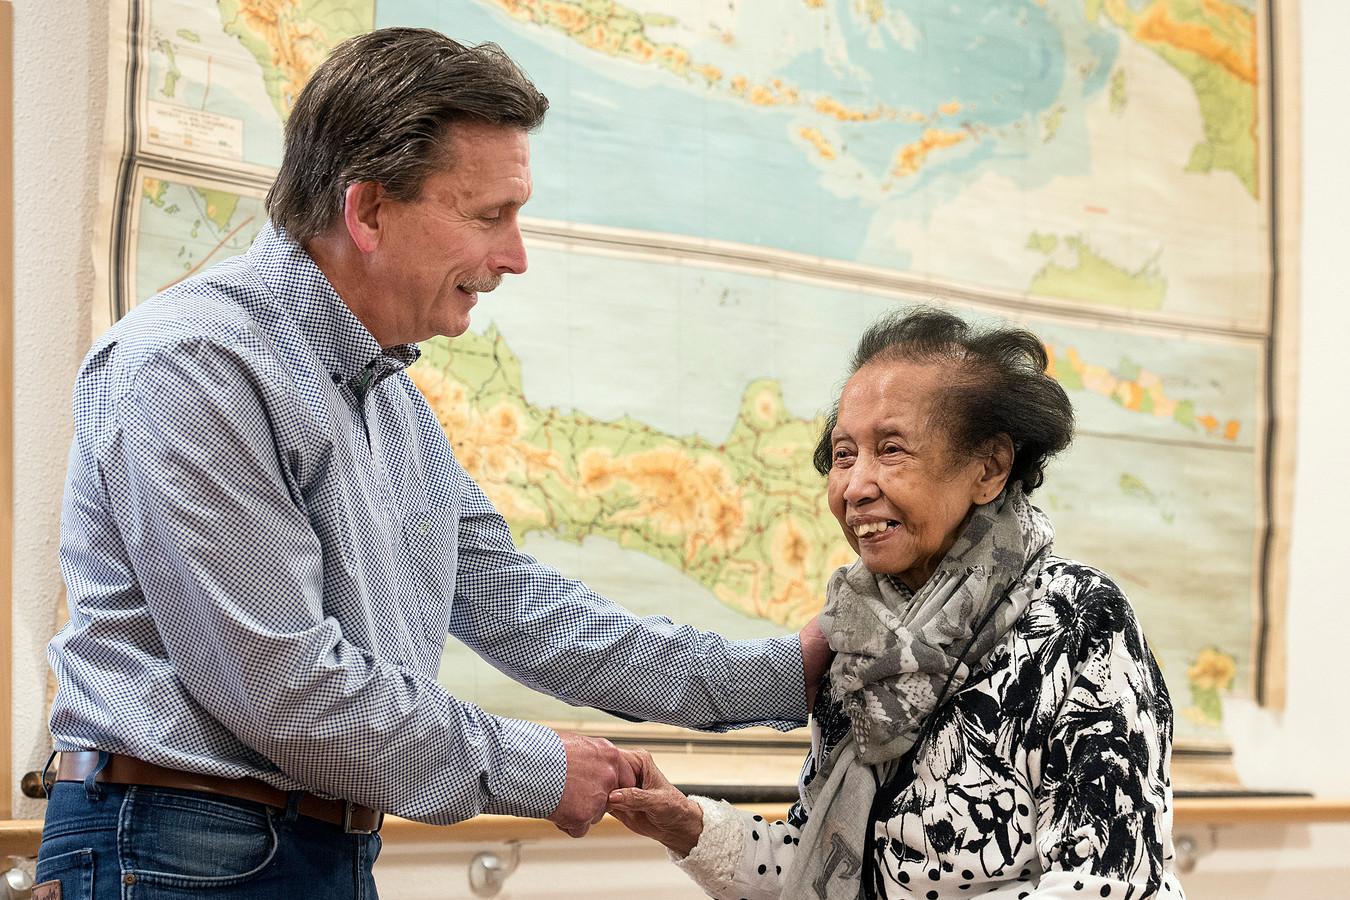 Directeur-bestuurder Gert van der Pluijm legt na 21 jaar zijn functie neer bij Huize Raffy. Rechts de 88-jarige bewoonster, mevrouw Wisse.